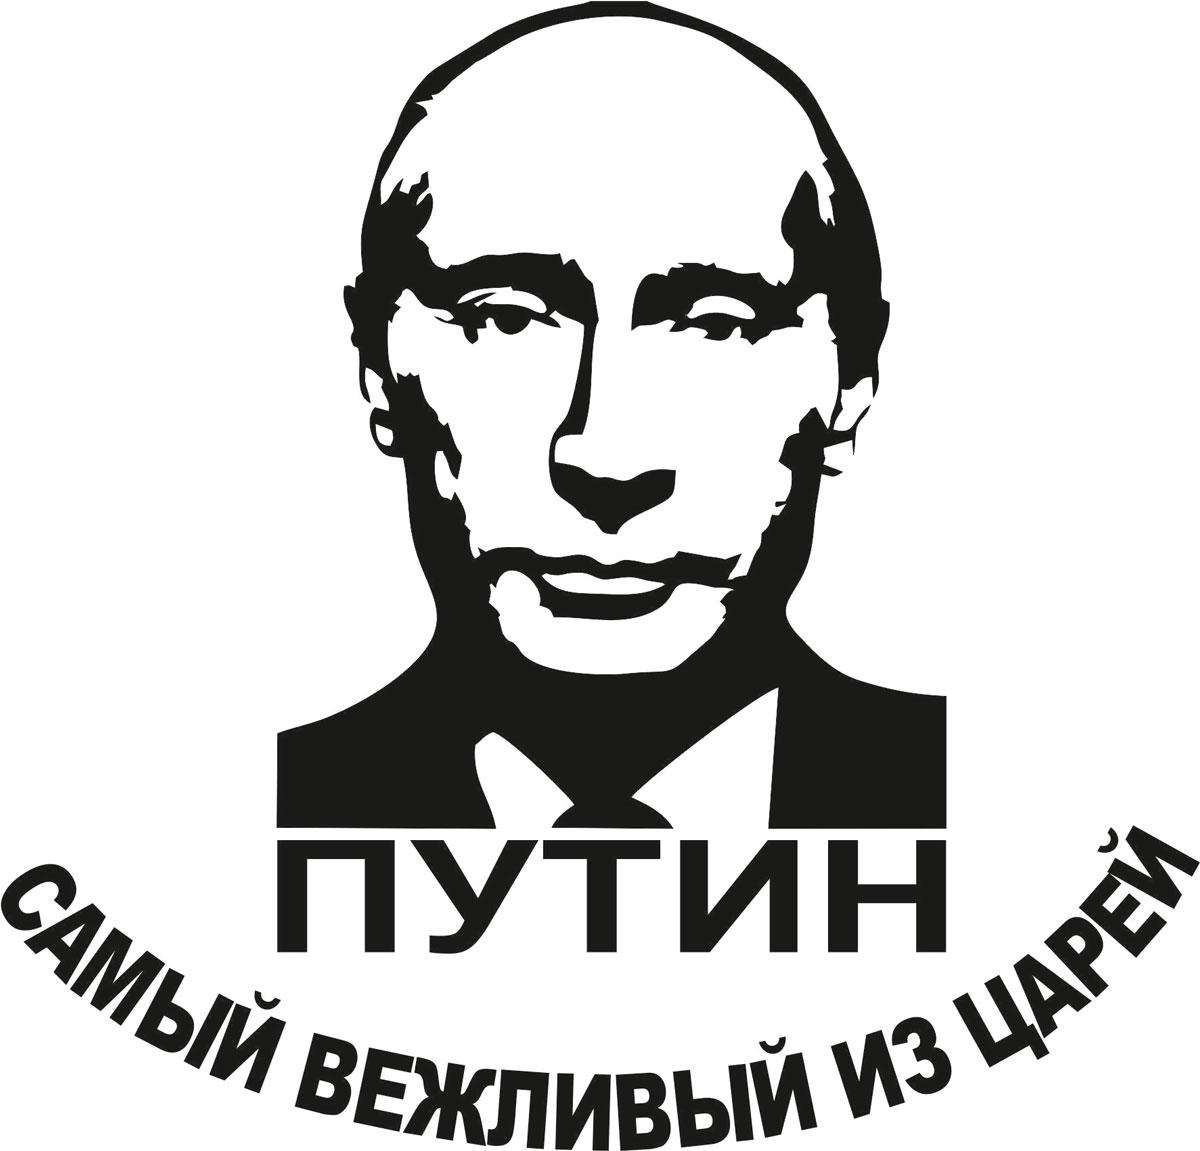 Наклейка автомобильная Оранжевый слоник Путин, виниловая, цвет: черный150PT0004BОригинальная наклейка Оранжевый слоник Путин изготовлена из долговечного винила, который выполняет не только декоративную функцию, но и защищает кузов от небольших механических повреждений, либо скрывает уже существующие.Виниловые наклейки на авто - это не только красиво, но еще и быстро! Всего за несколько минут вы можете полностью преобразить свой автомобиль, сделать его ярким, необычным, особенным и неповторимым!